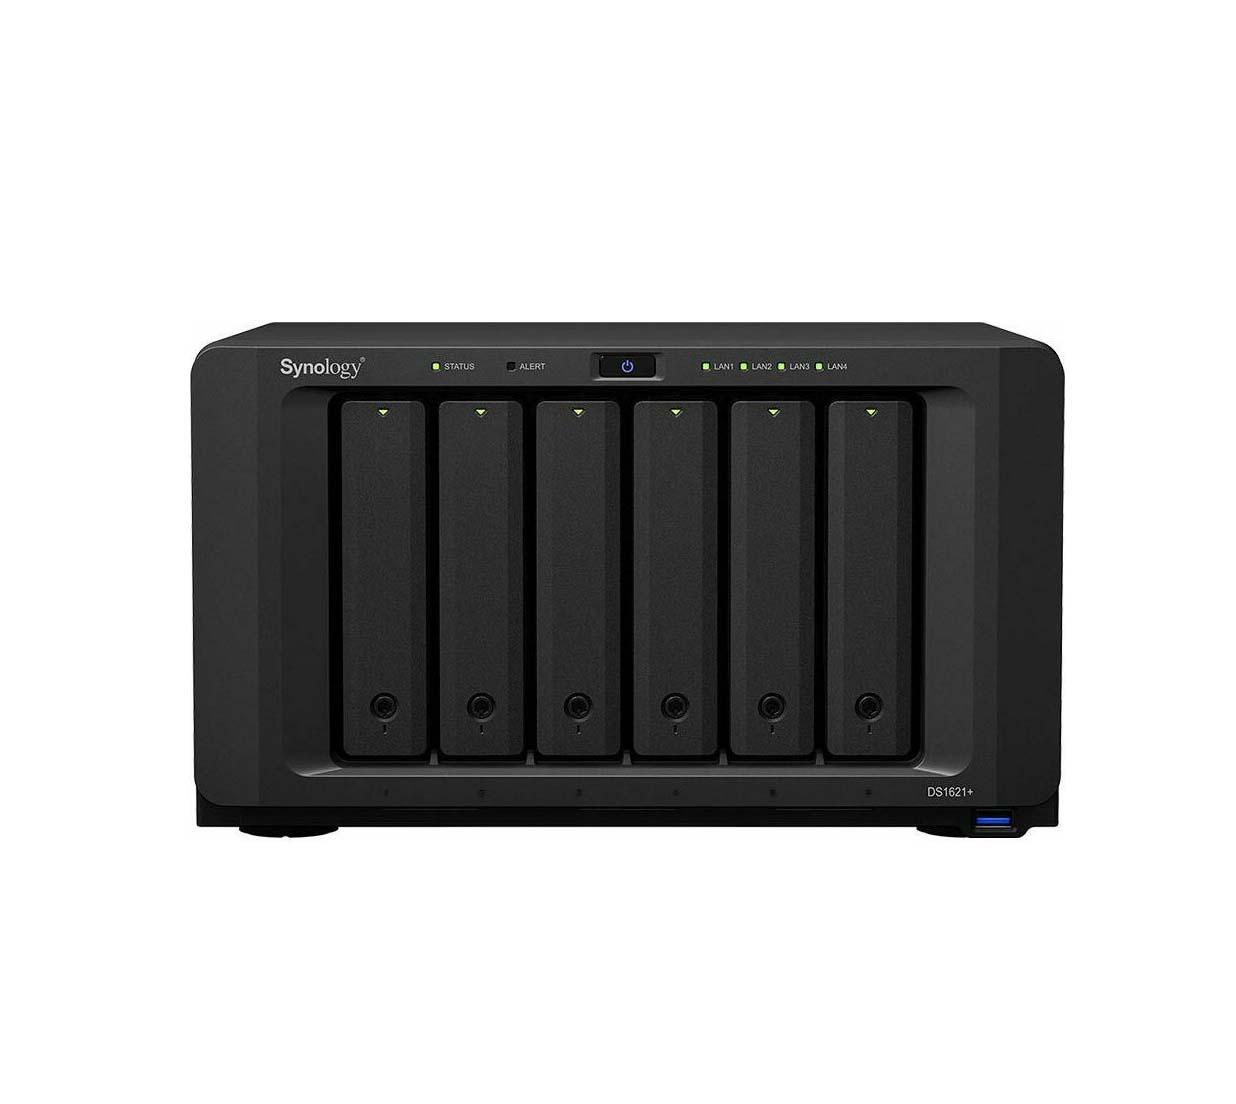 Synology DiskStation DS1621+ Nas Server Πληρωμή έως 24 δόσεις